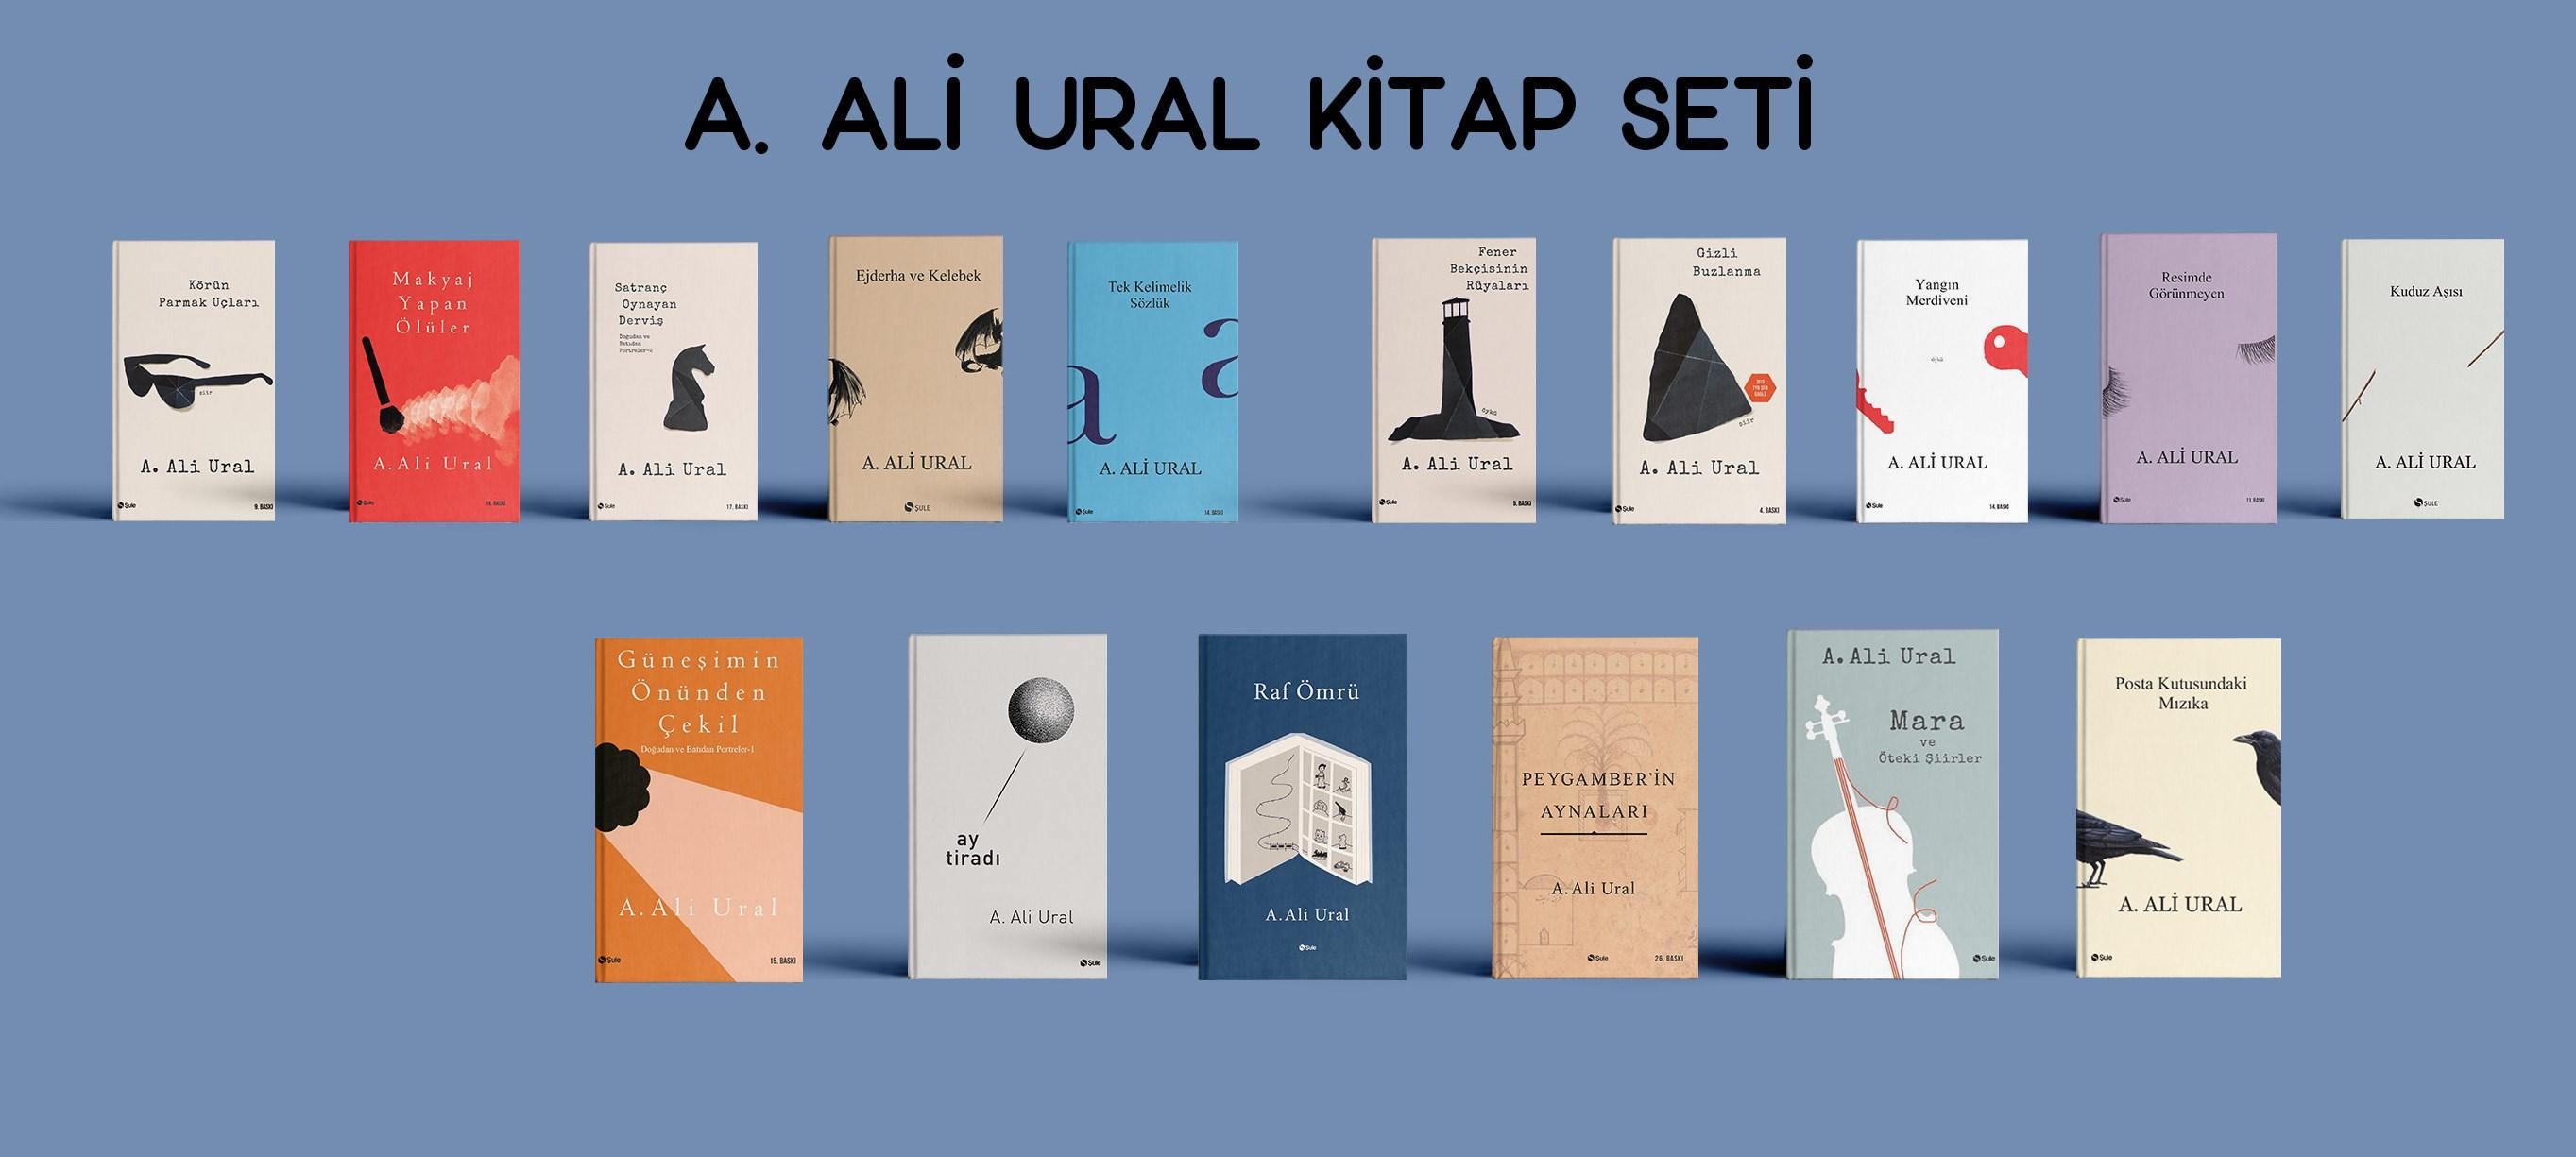 A. Ali Ural Kitap Seti